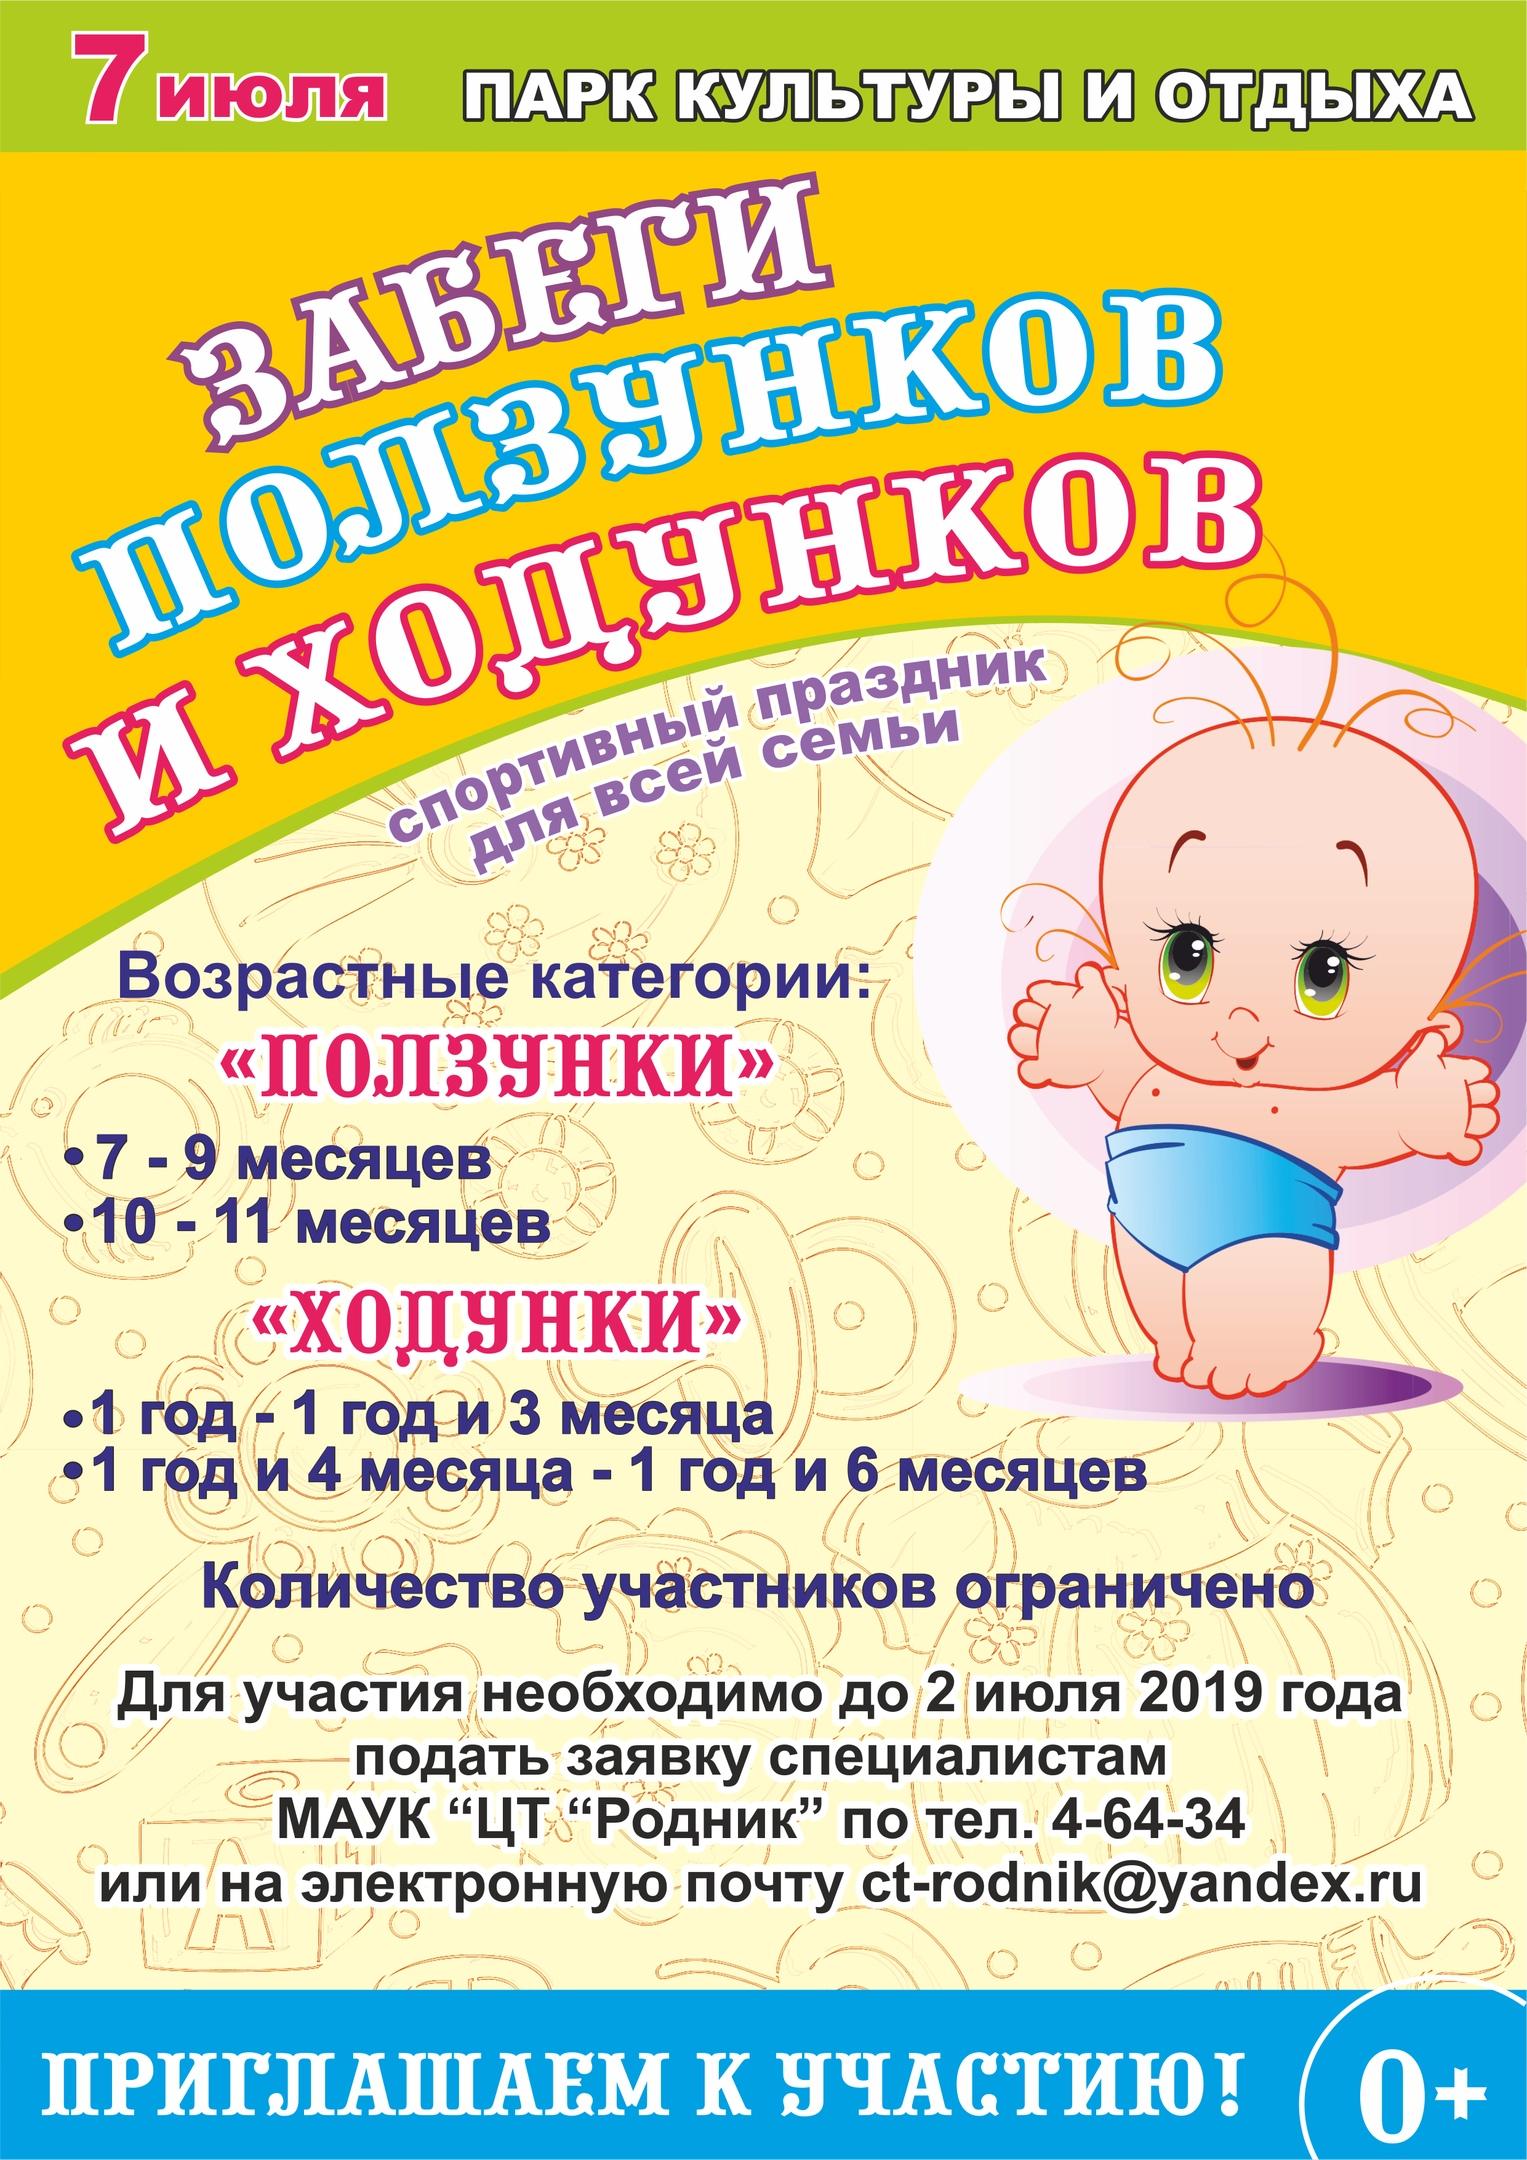 афиша, чайковский район, 2019 год